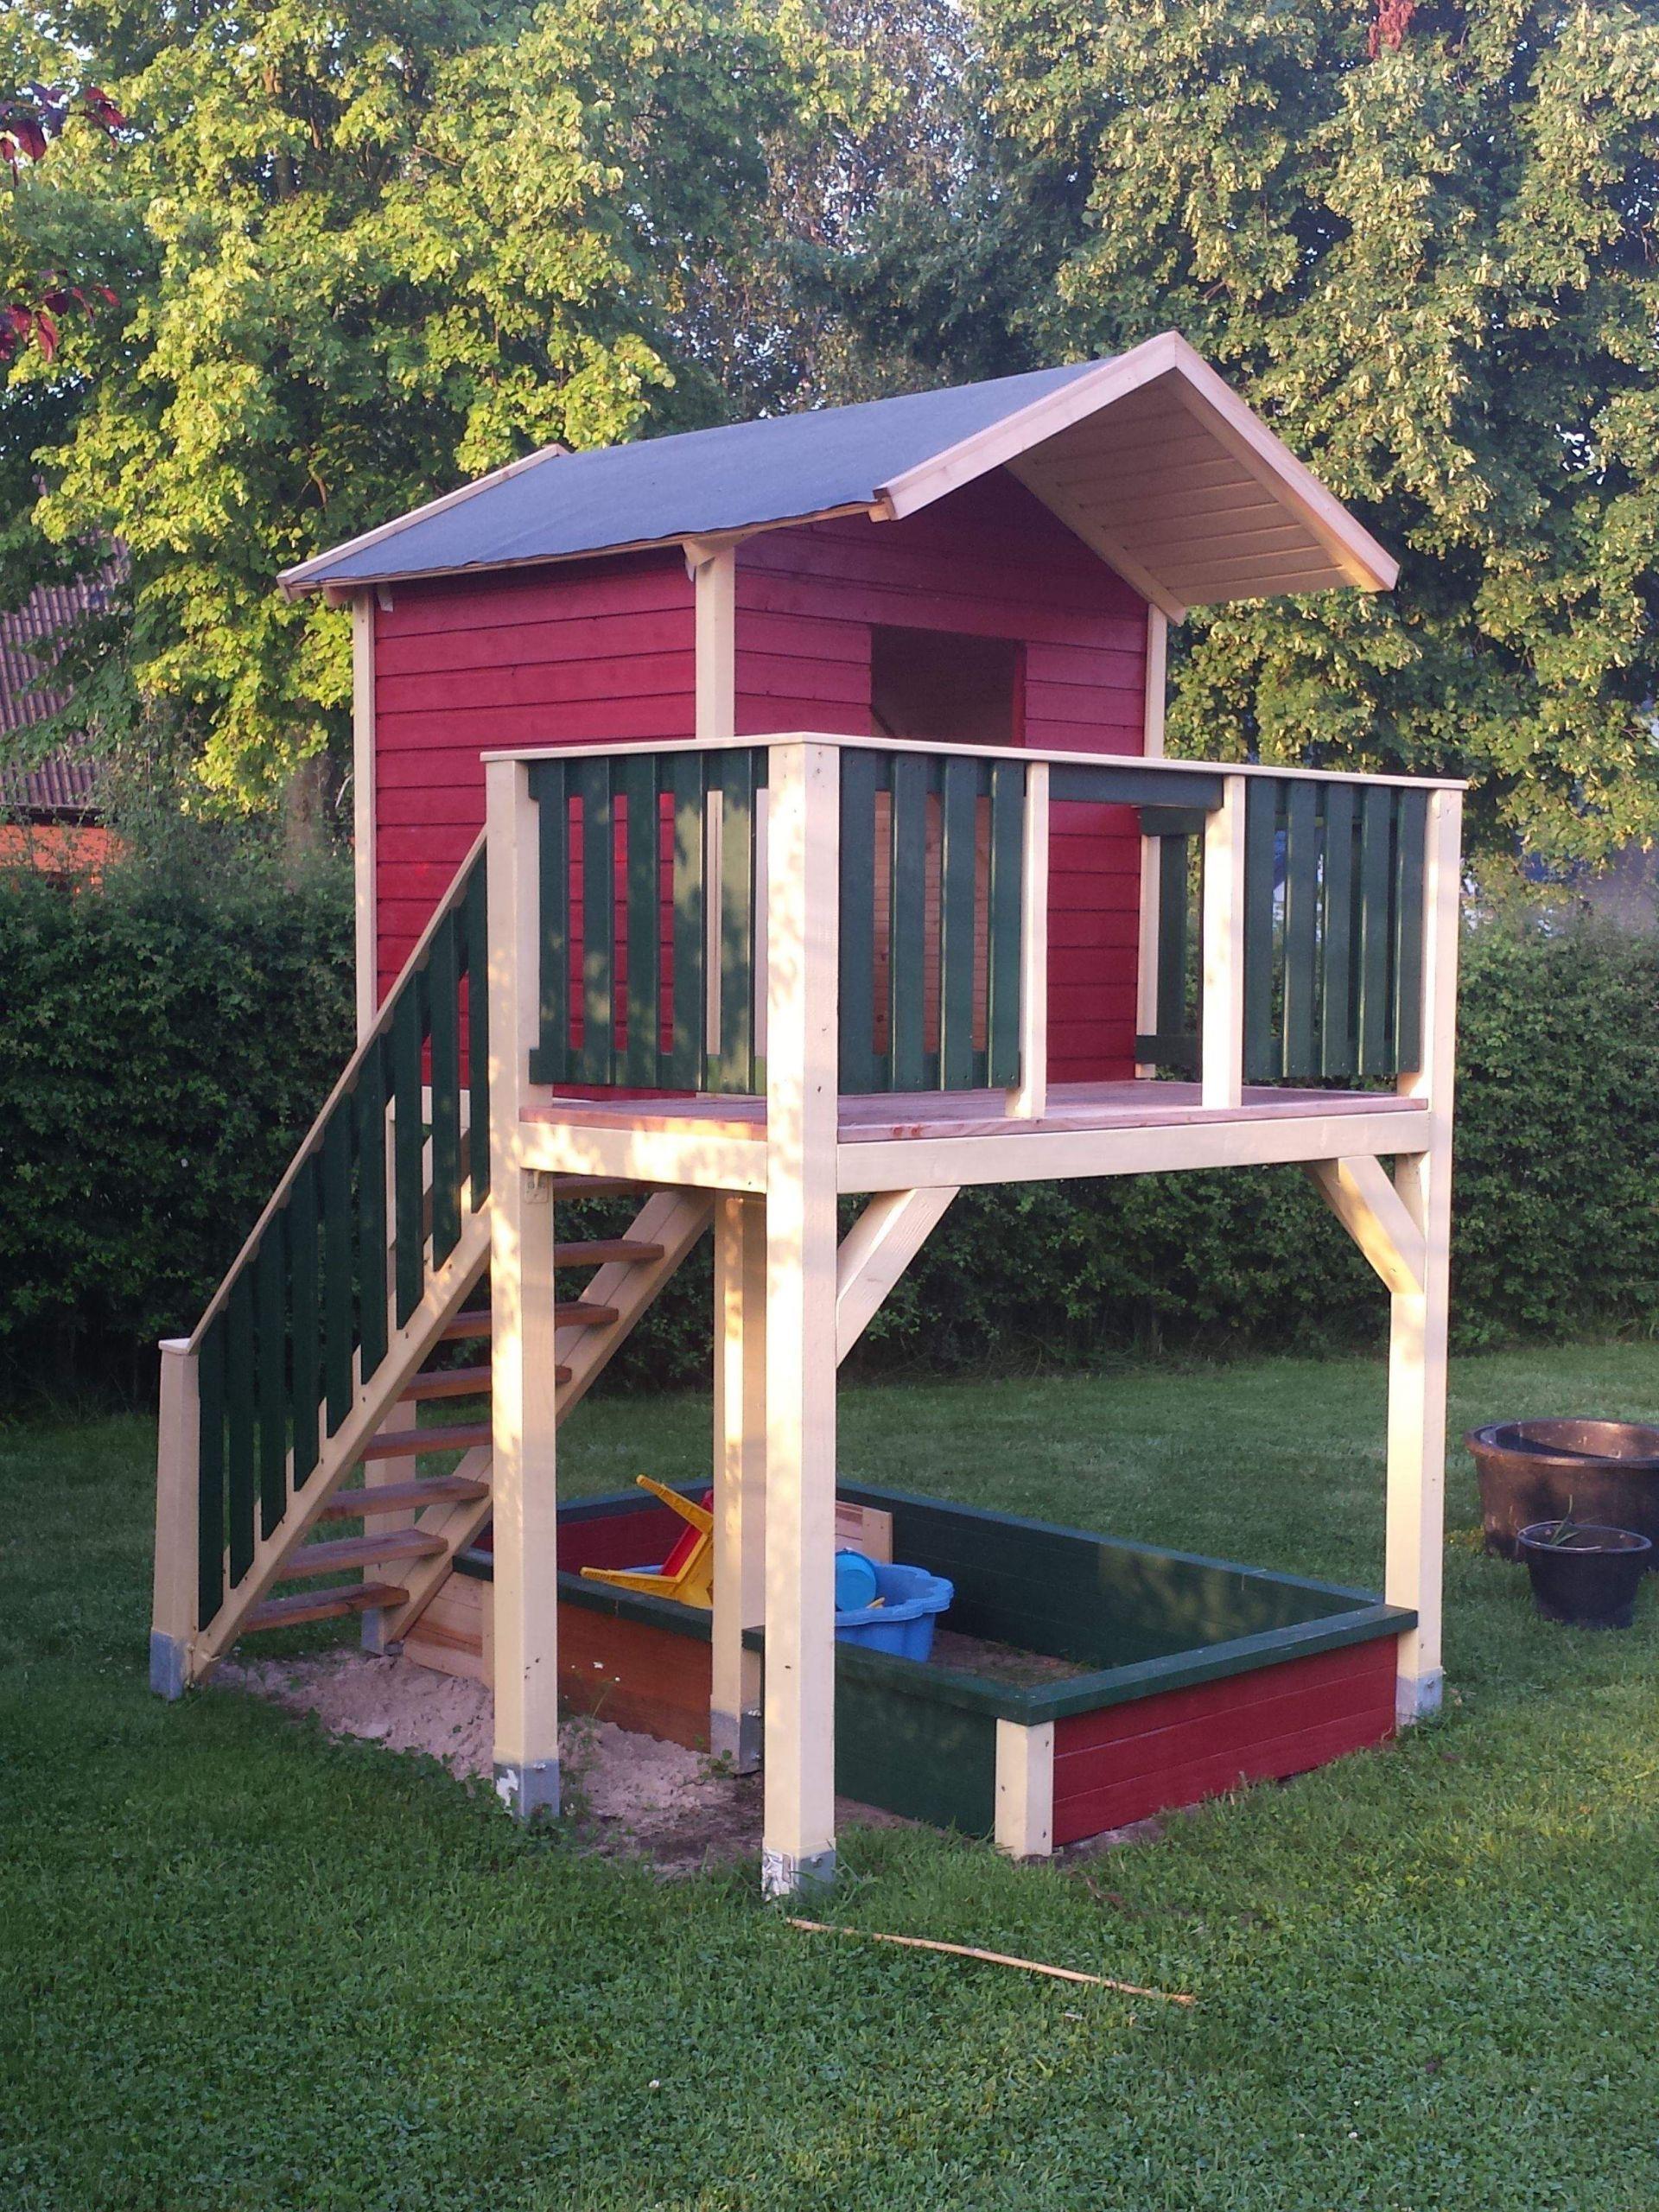 Garten Spielhaus Einzigartig Spielturm Mit Treppe Bauanleitung Zum Selber Bauen